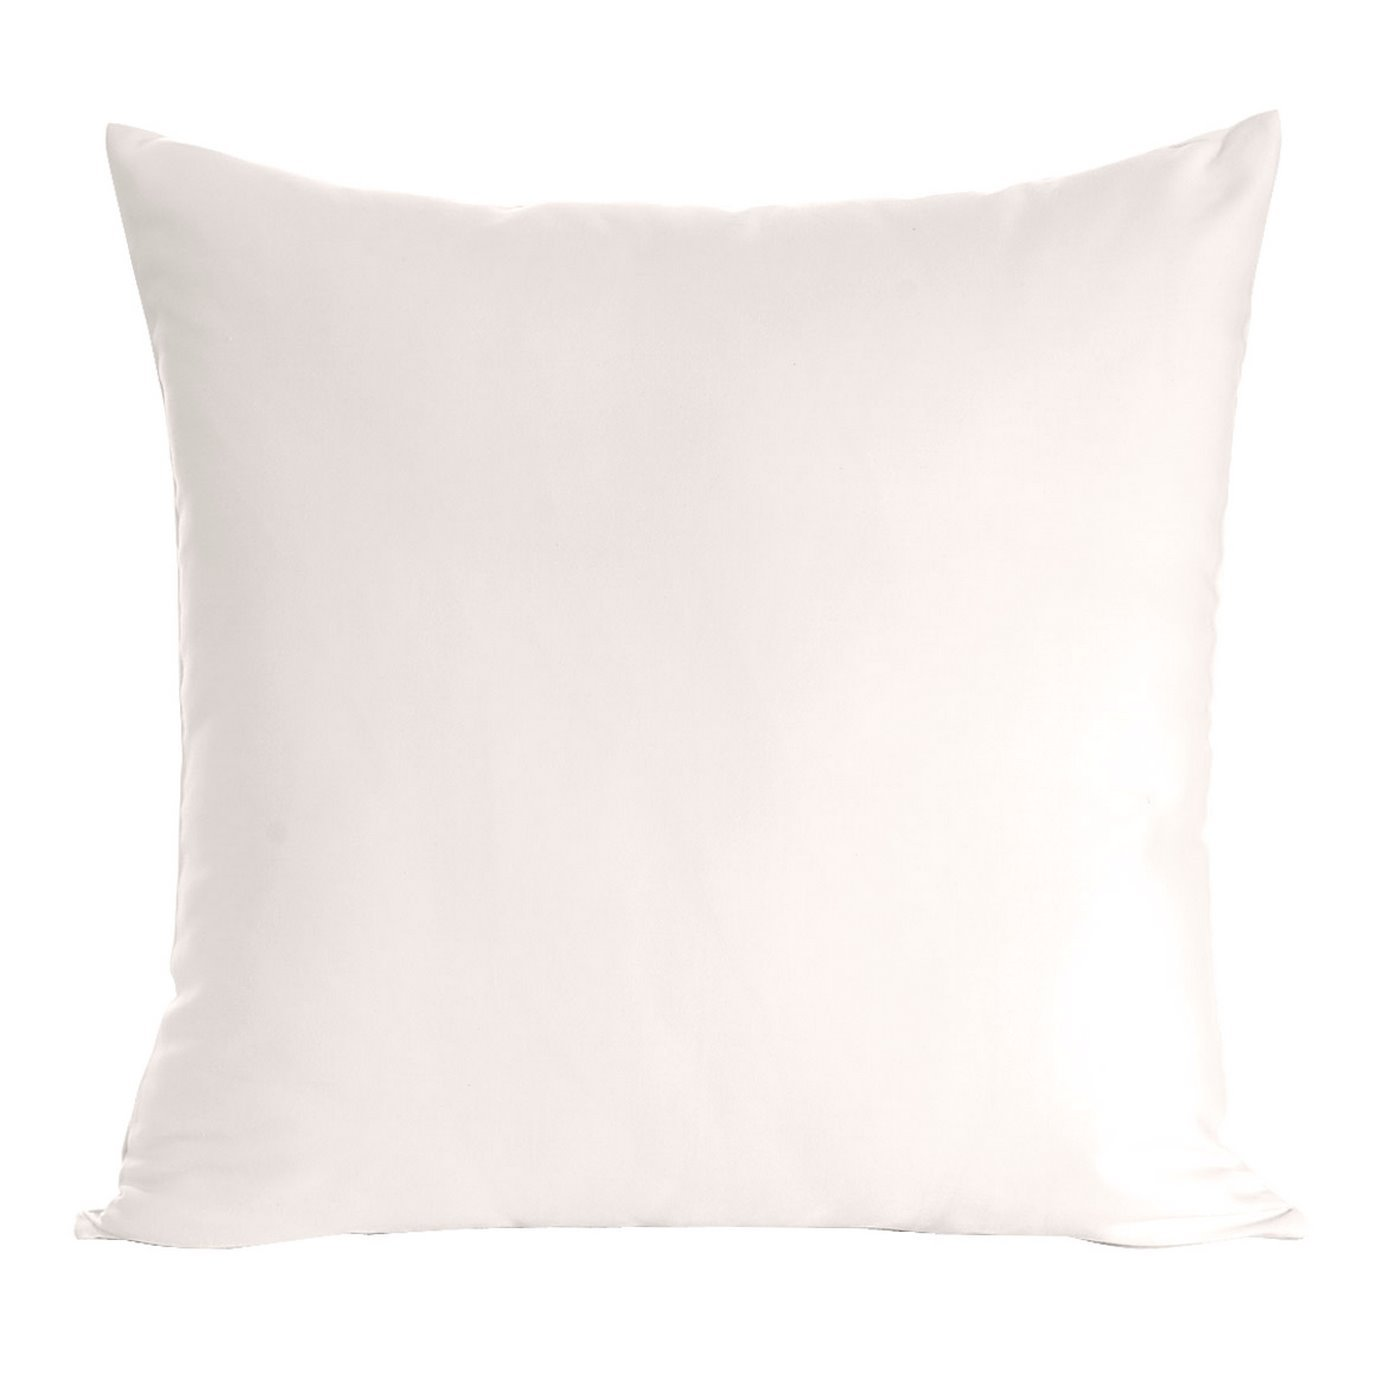 Poszewka na poduszkę biała gładka 40 x 40 cm